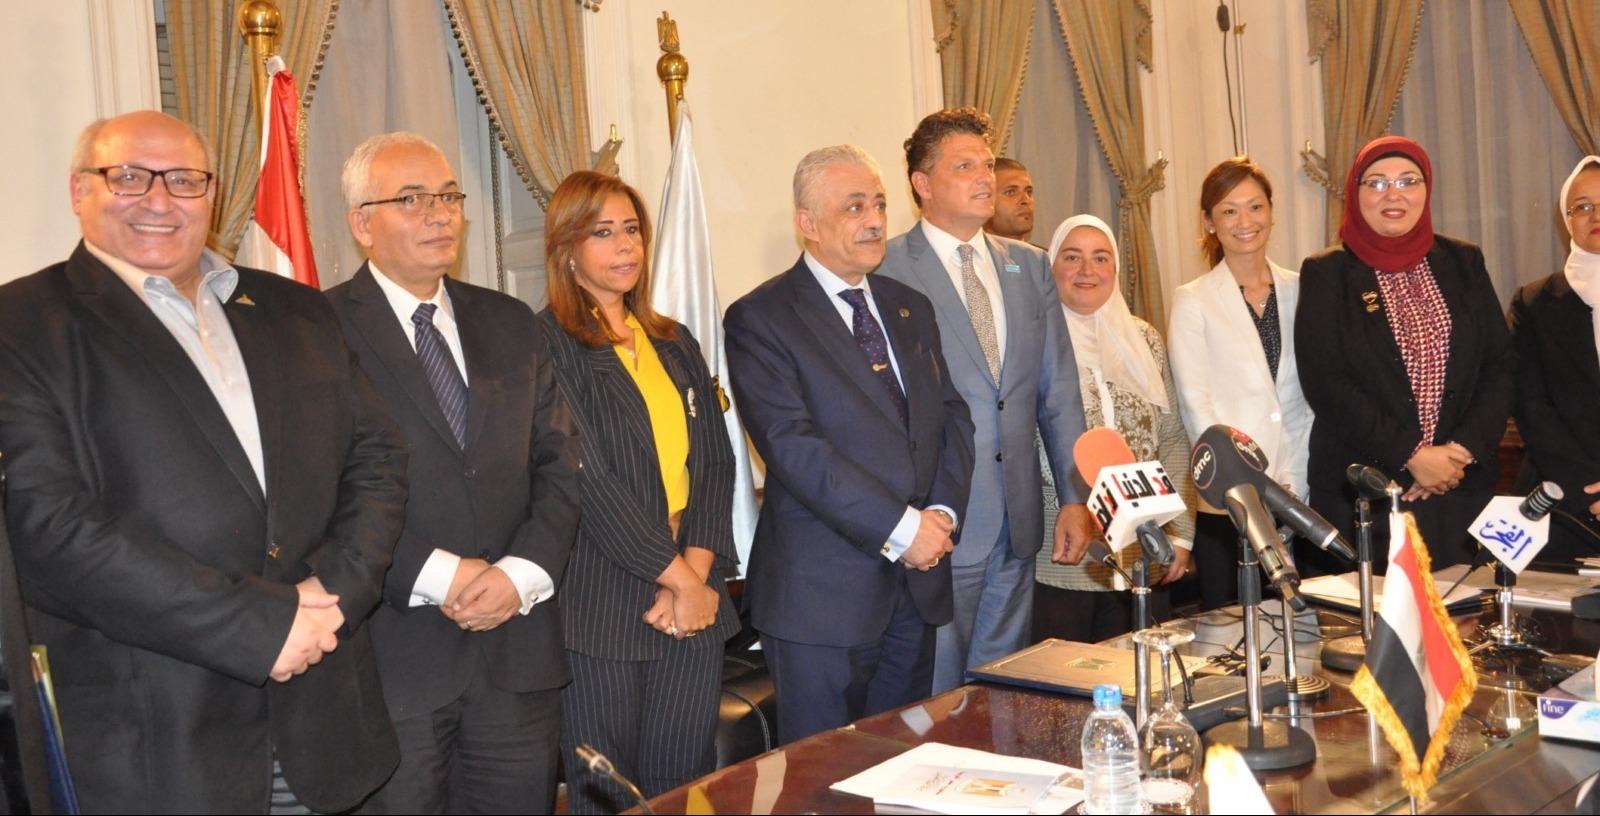 تعاون مشترك بين جامعة عين شمس ووزارة التربية والتعليم لتدريب المعلمين